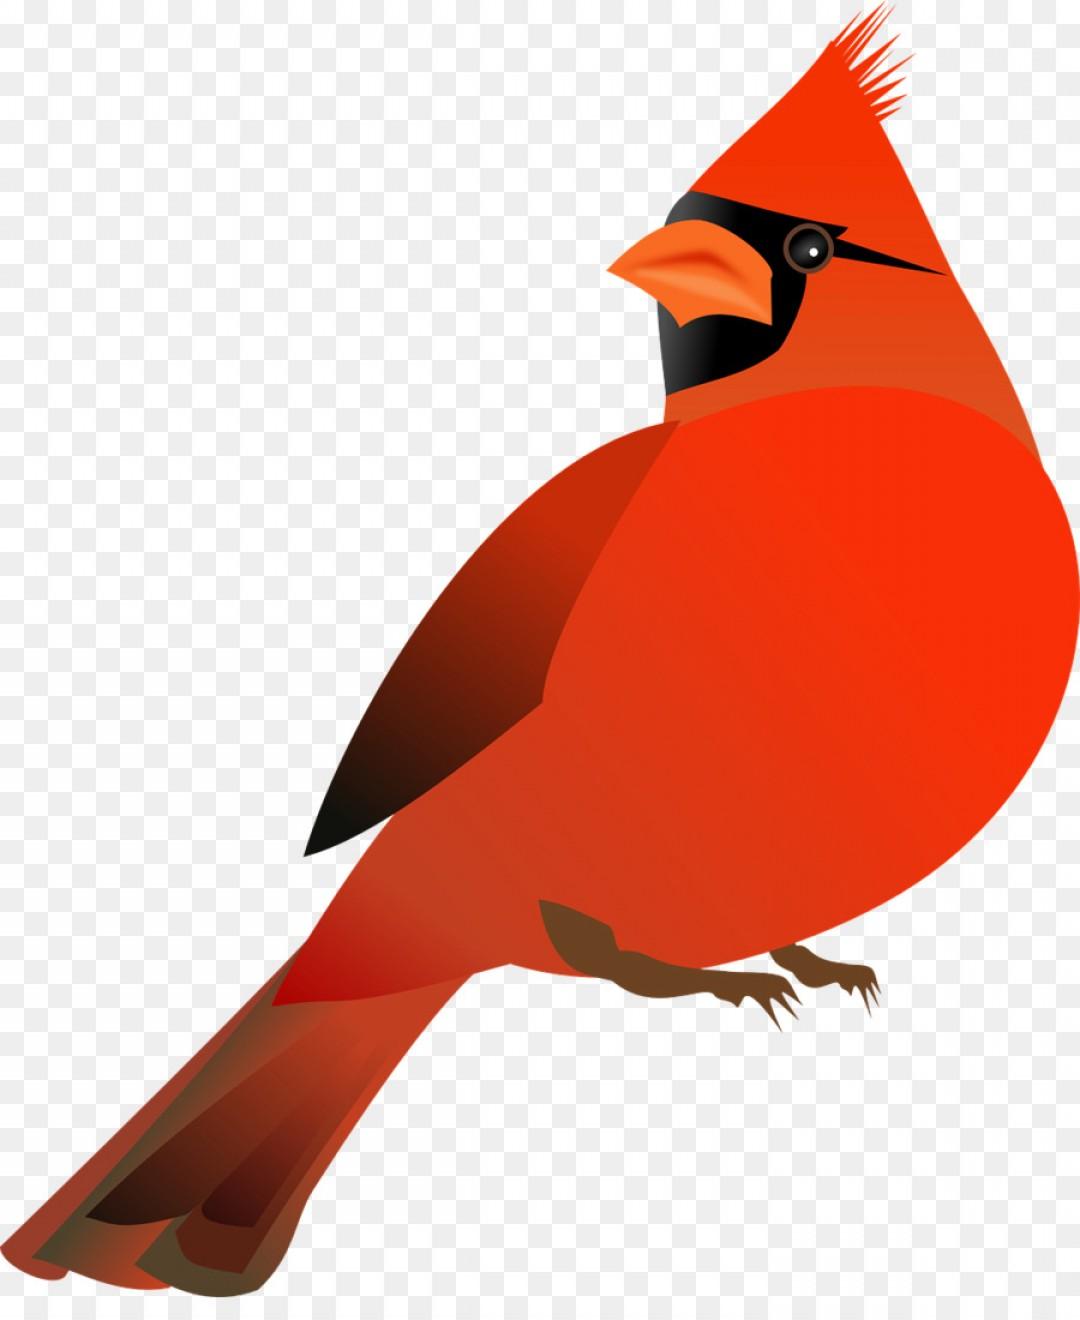 St louis cardinals x. Cardinal clipart illustration